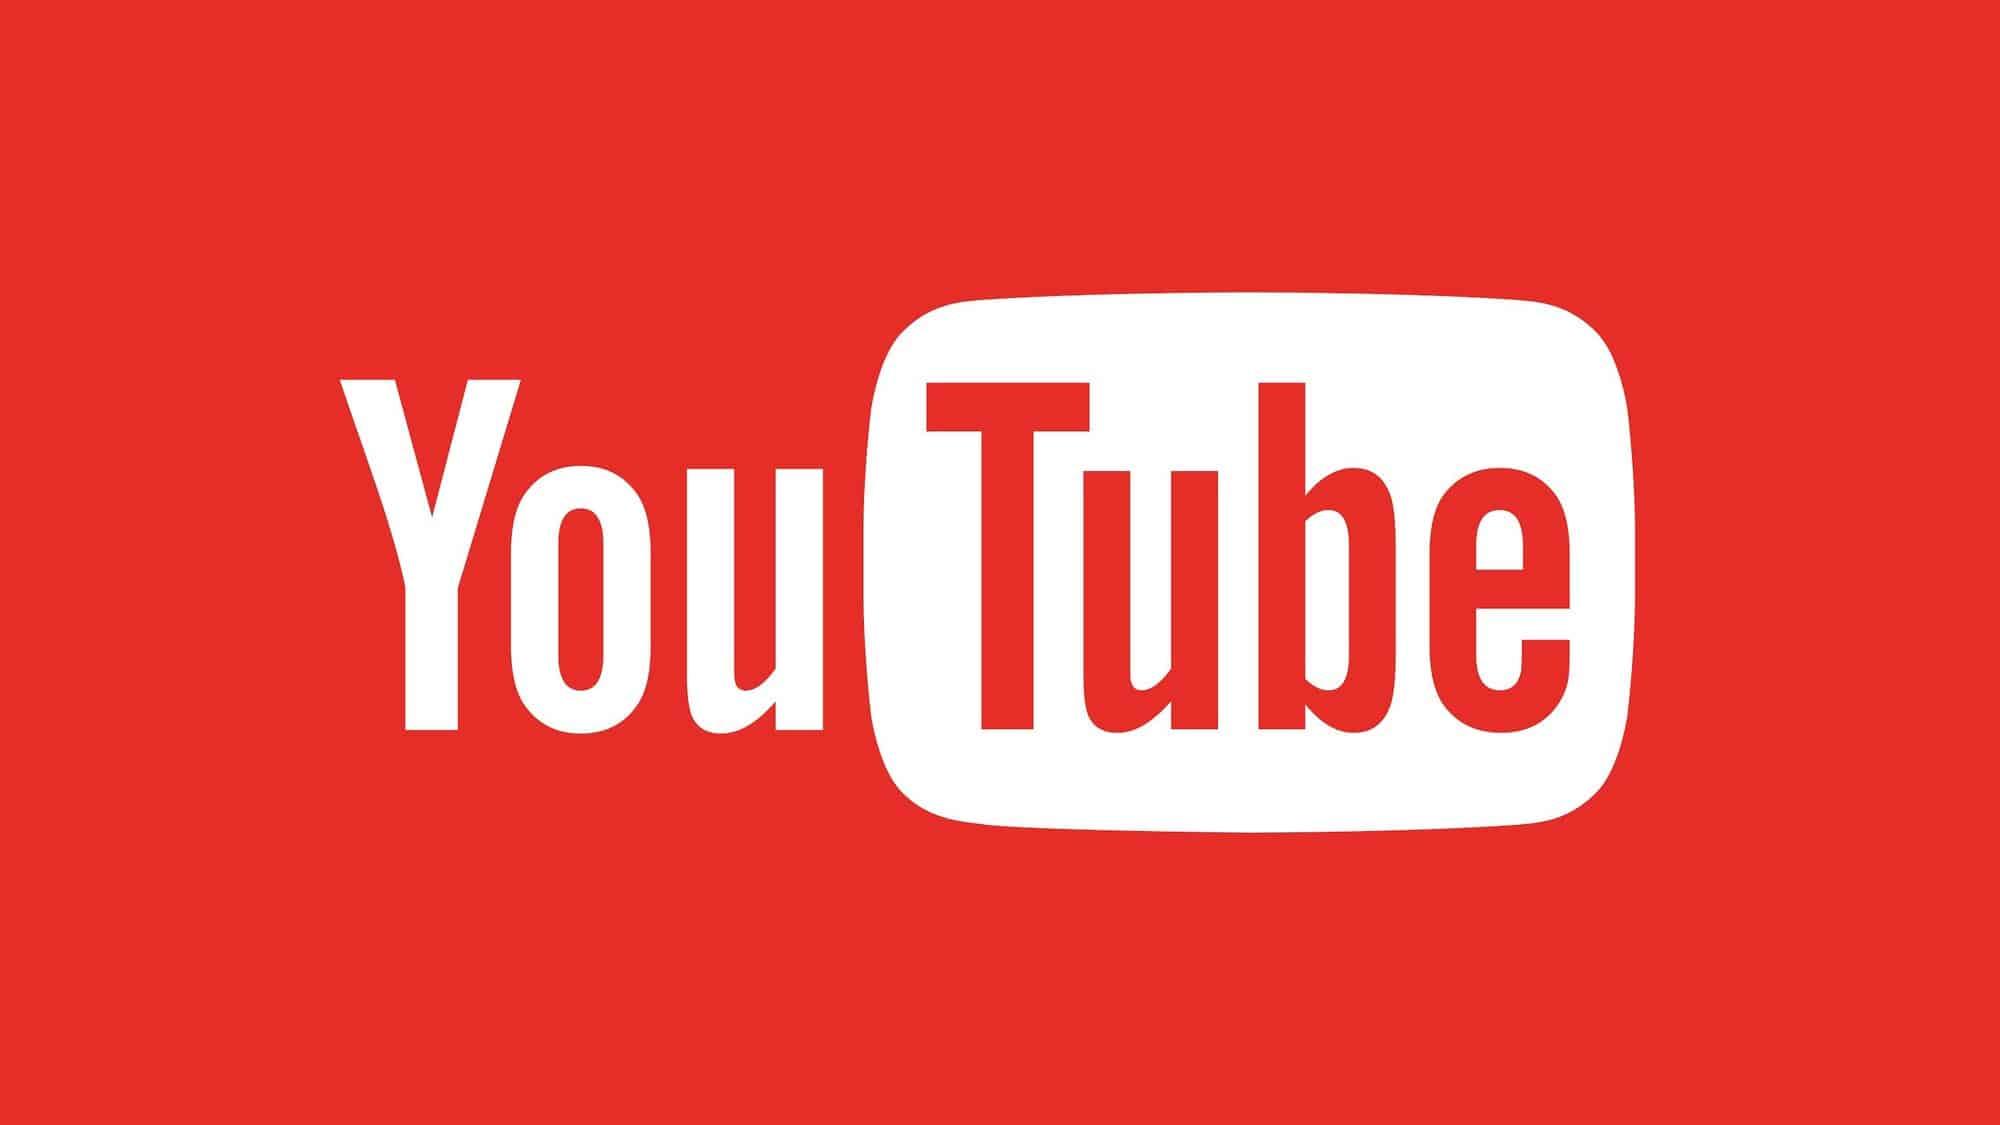 تحميل مقطع من اليوتيوب إلى جهازك بدون أي برنامج